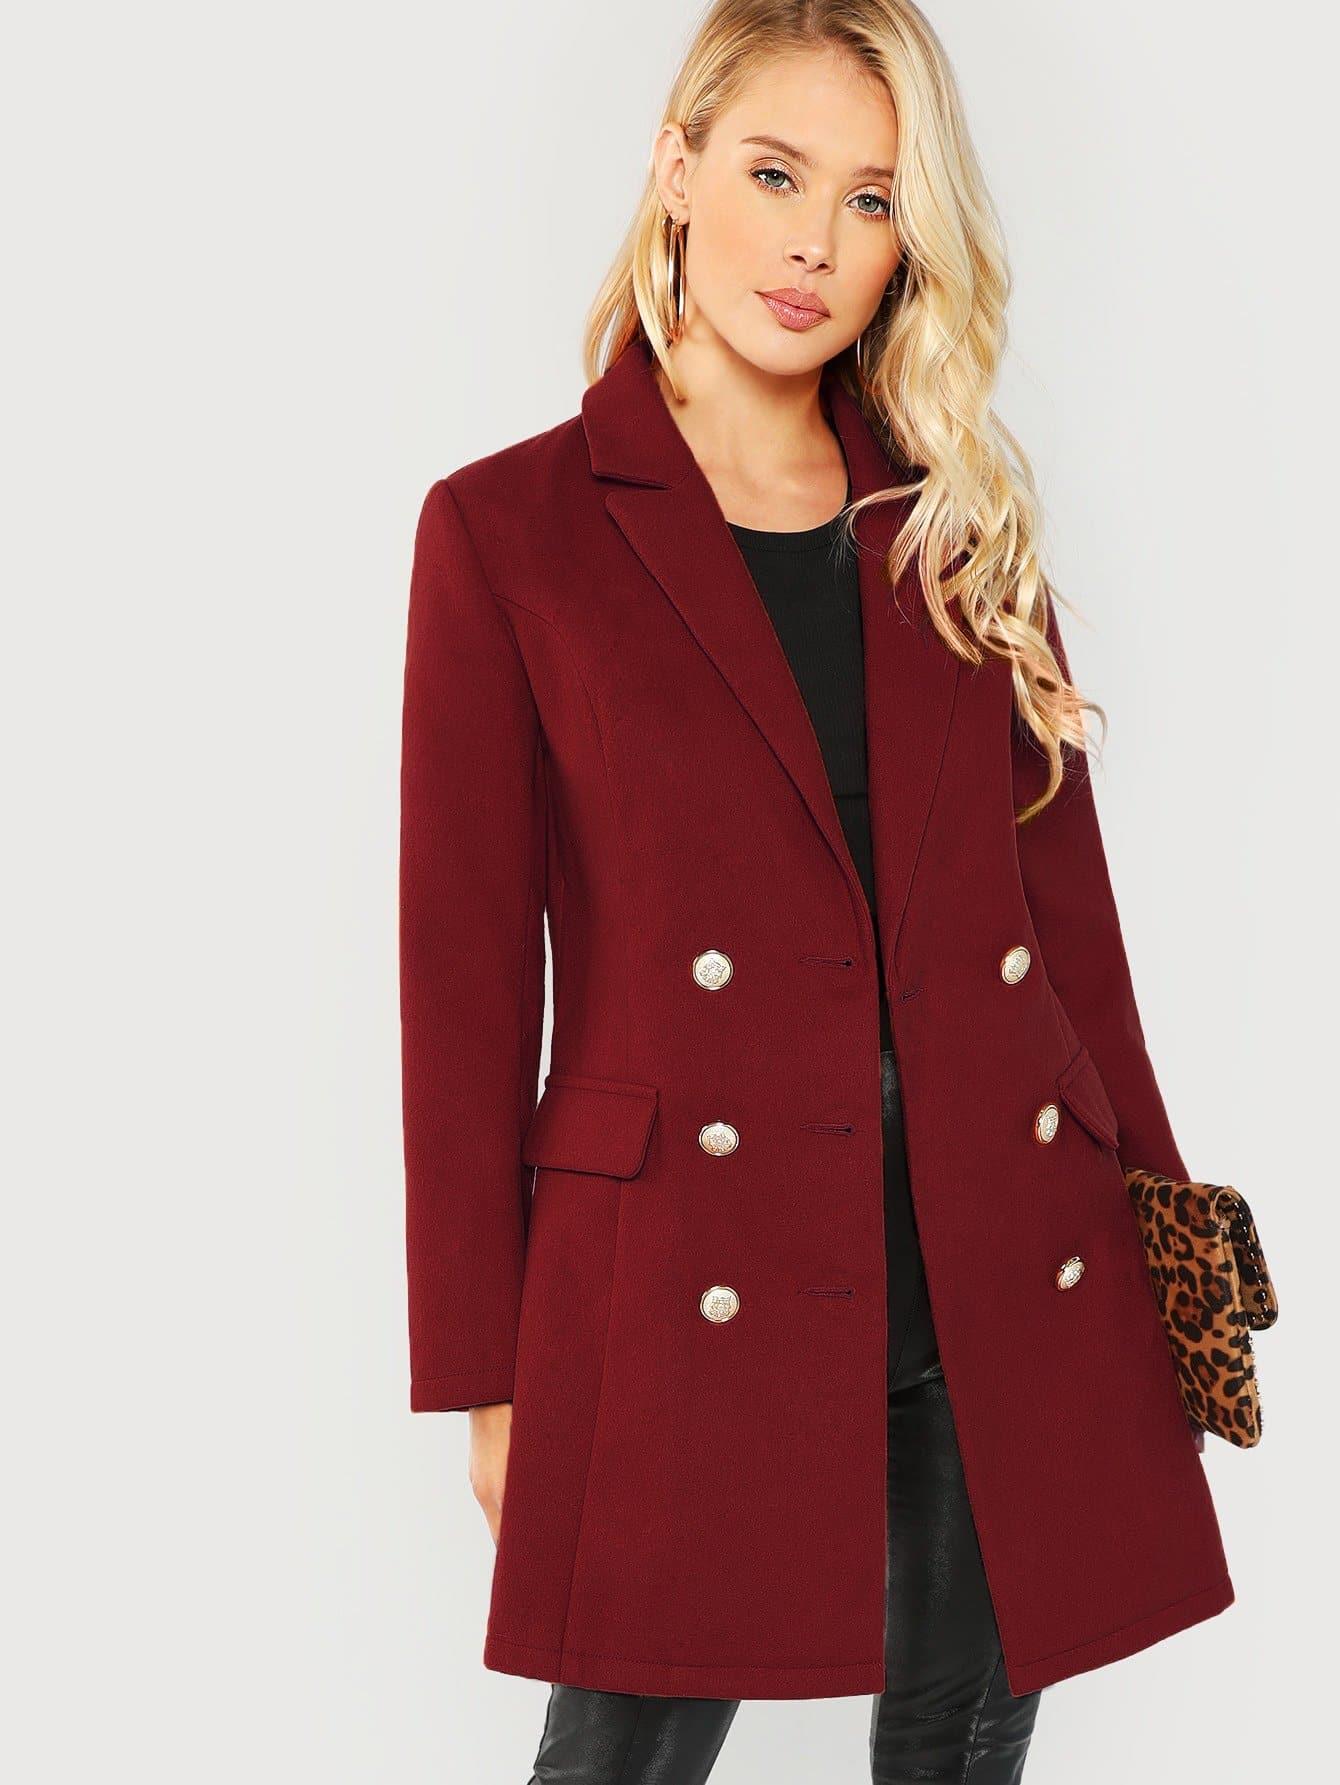 Купить Двубортное однотонное пальто с зубчатым воротником, Allie Leggett, SheIn